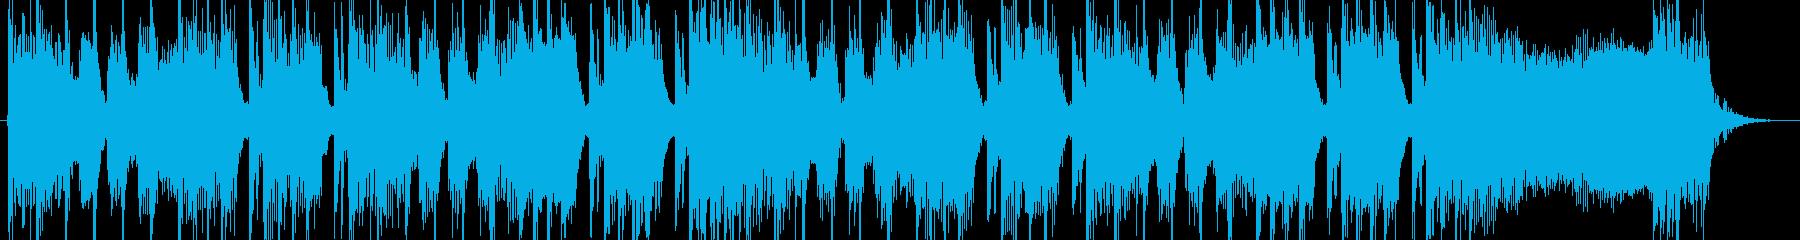 シンセとロックのちょっと不思議なジングルの再生済みの波形